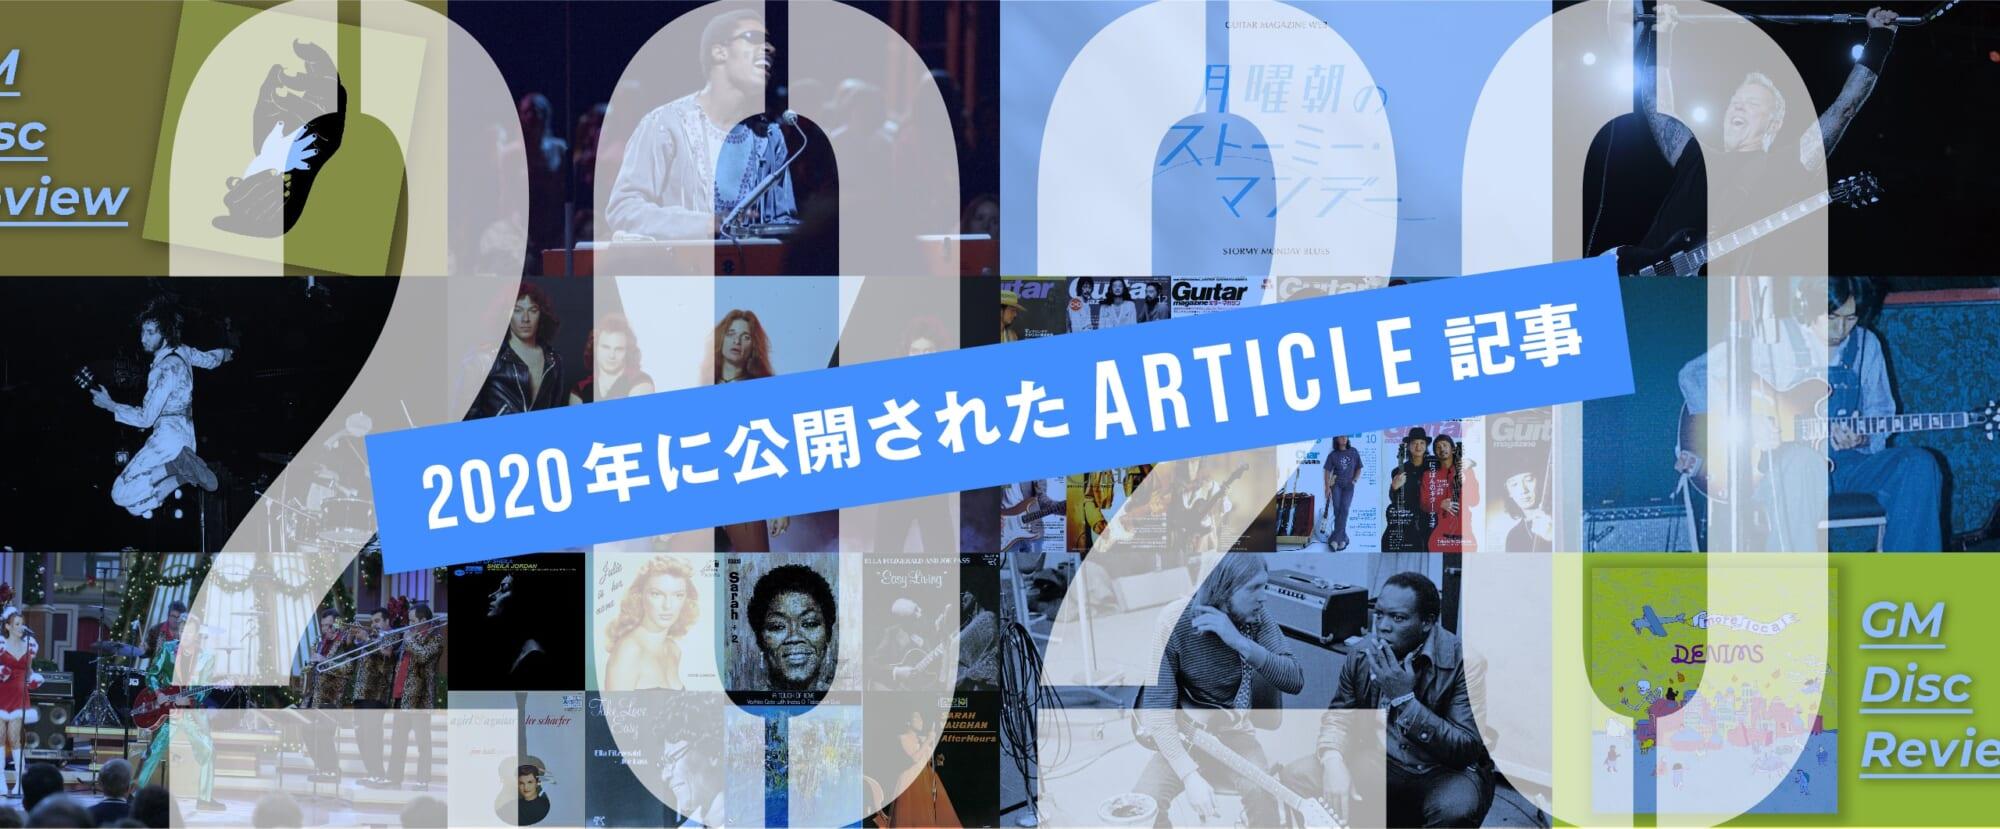 2020年に公開された読み物記事一覧